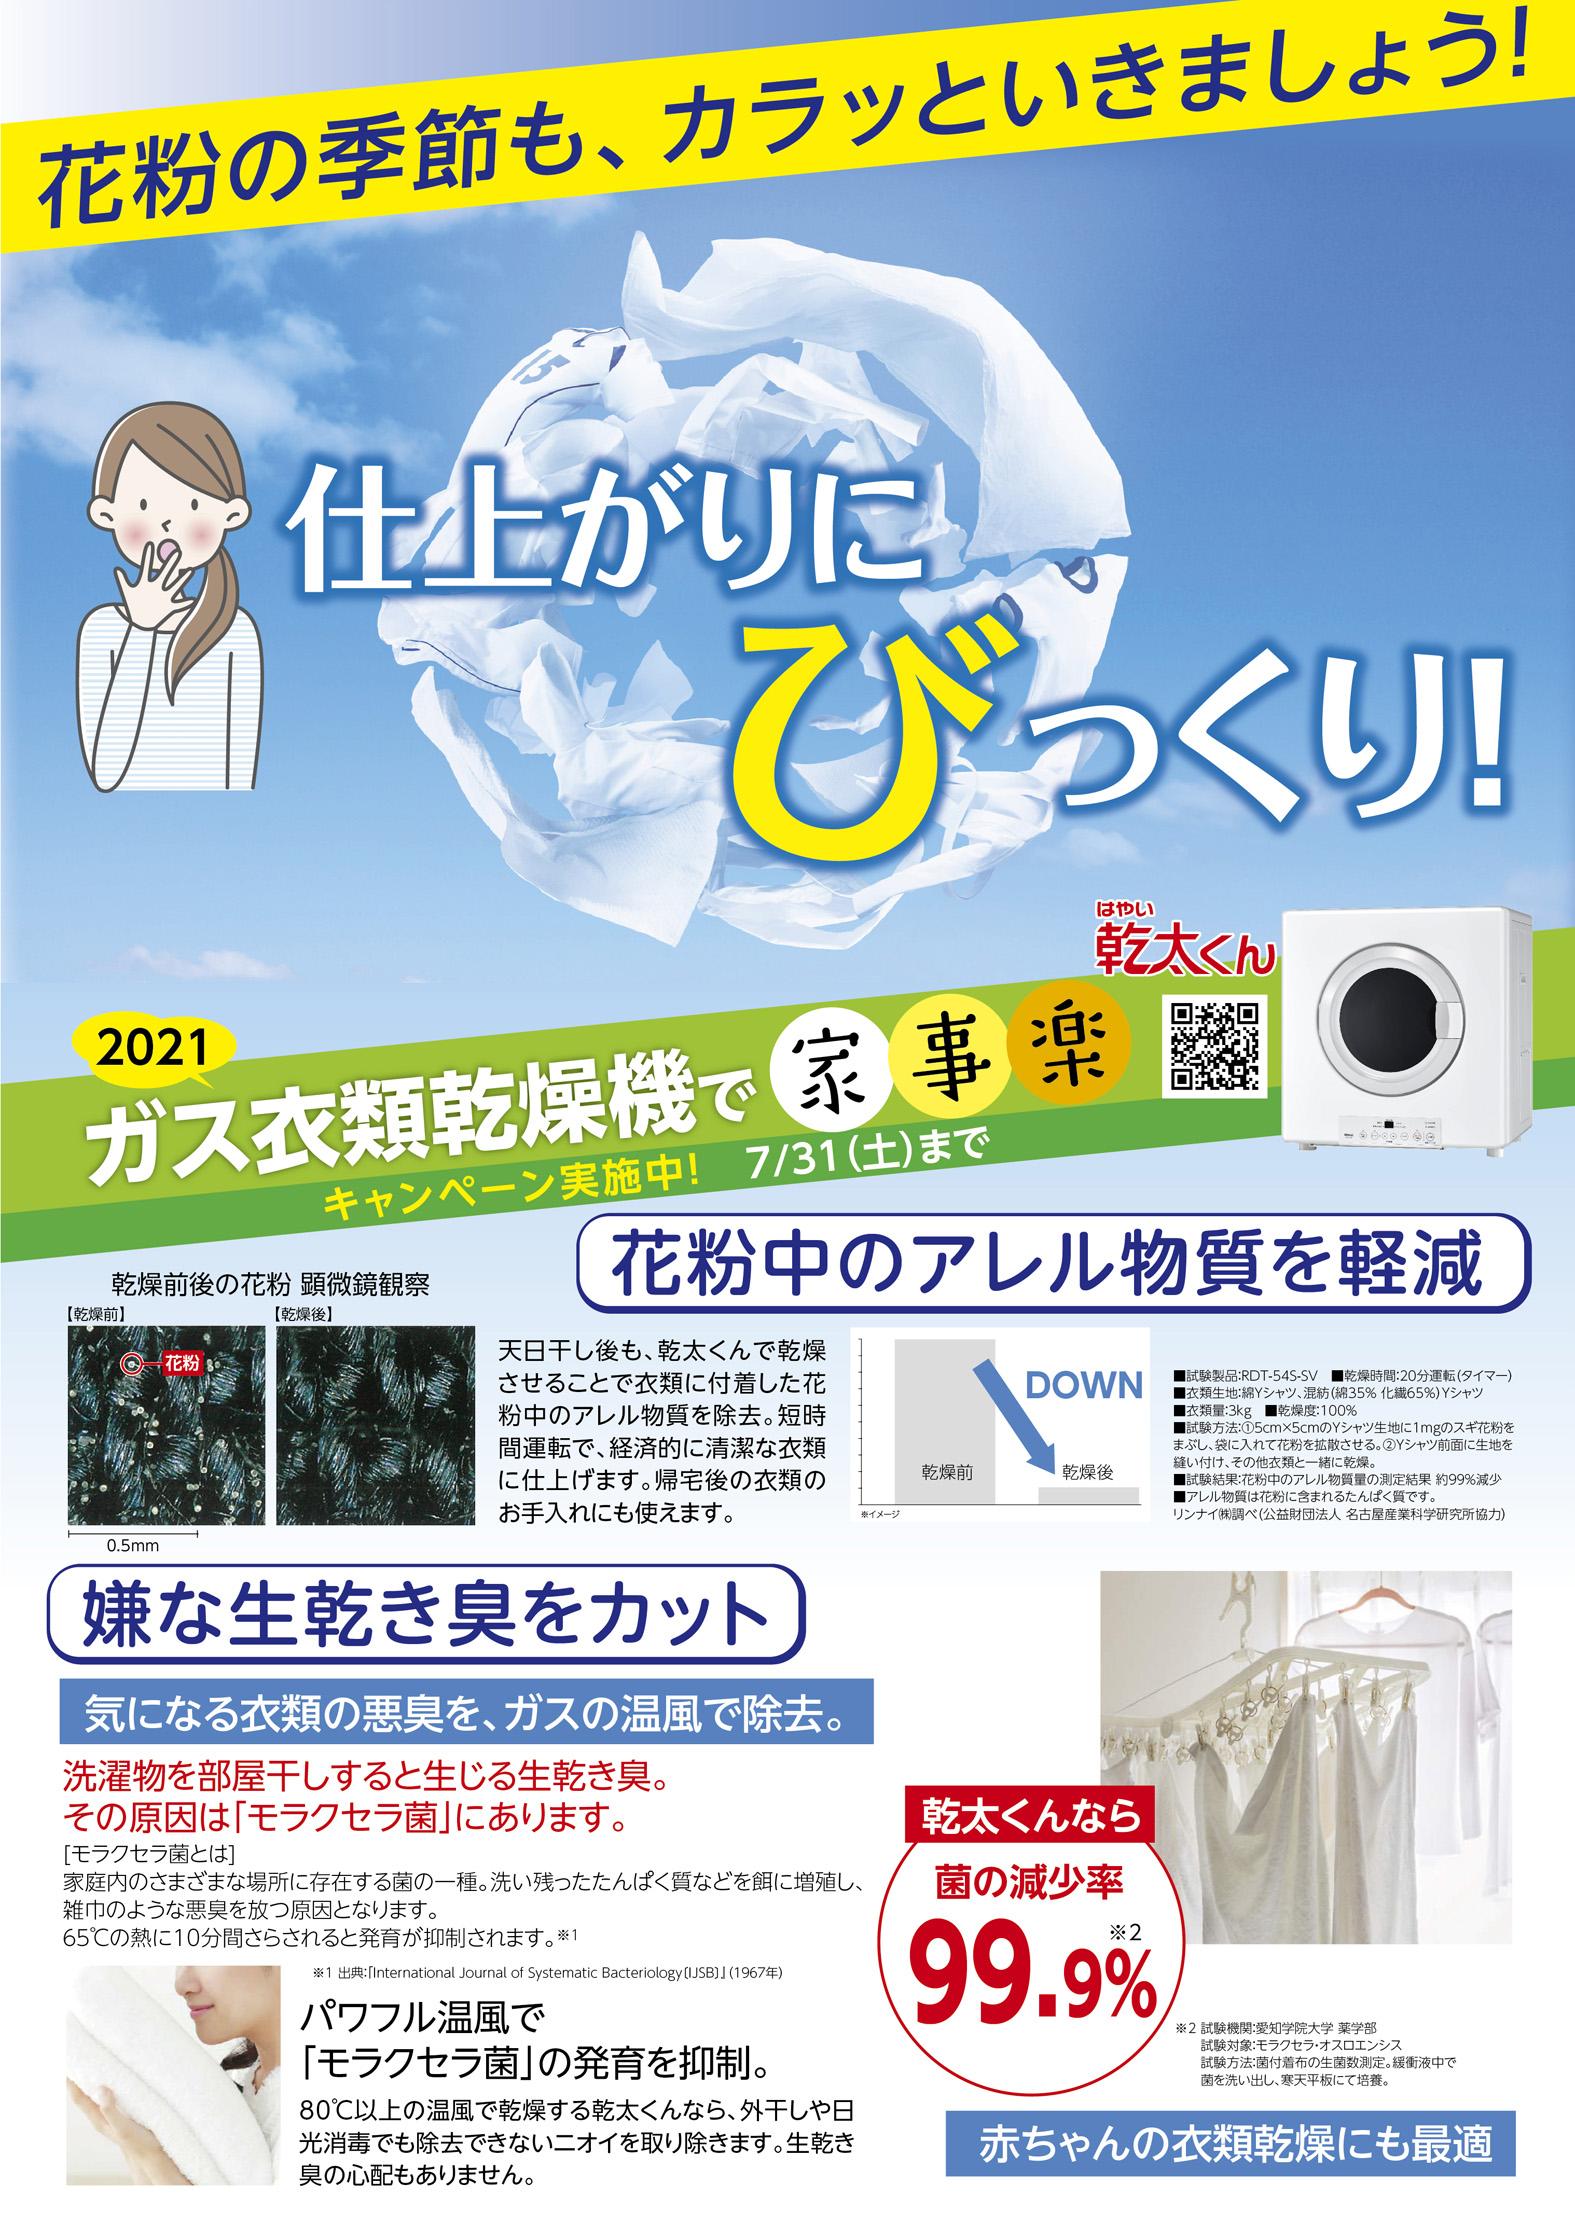 ガス衣類乾燥機で家事楽キャンペーン実施中